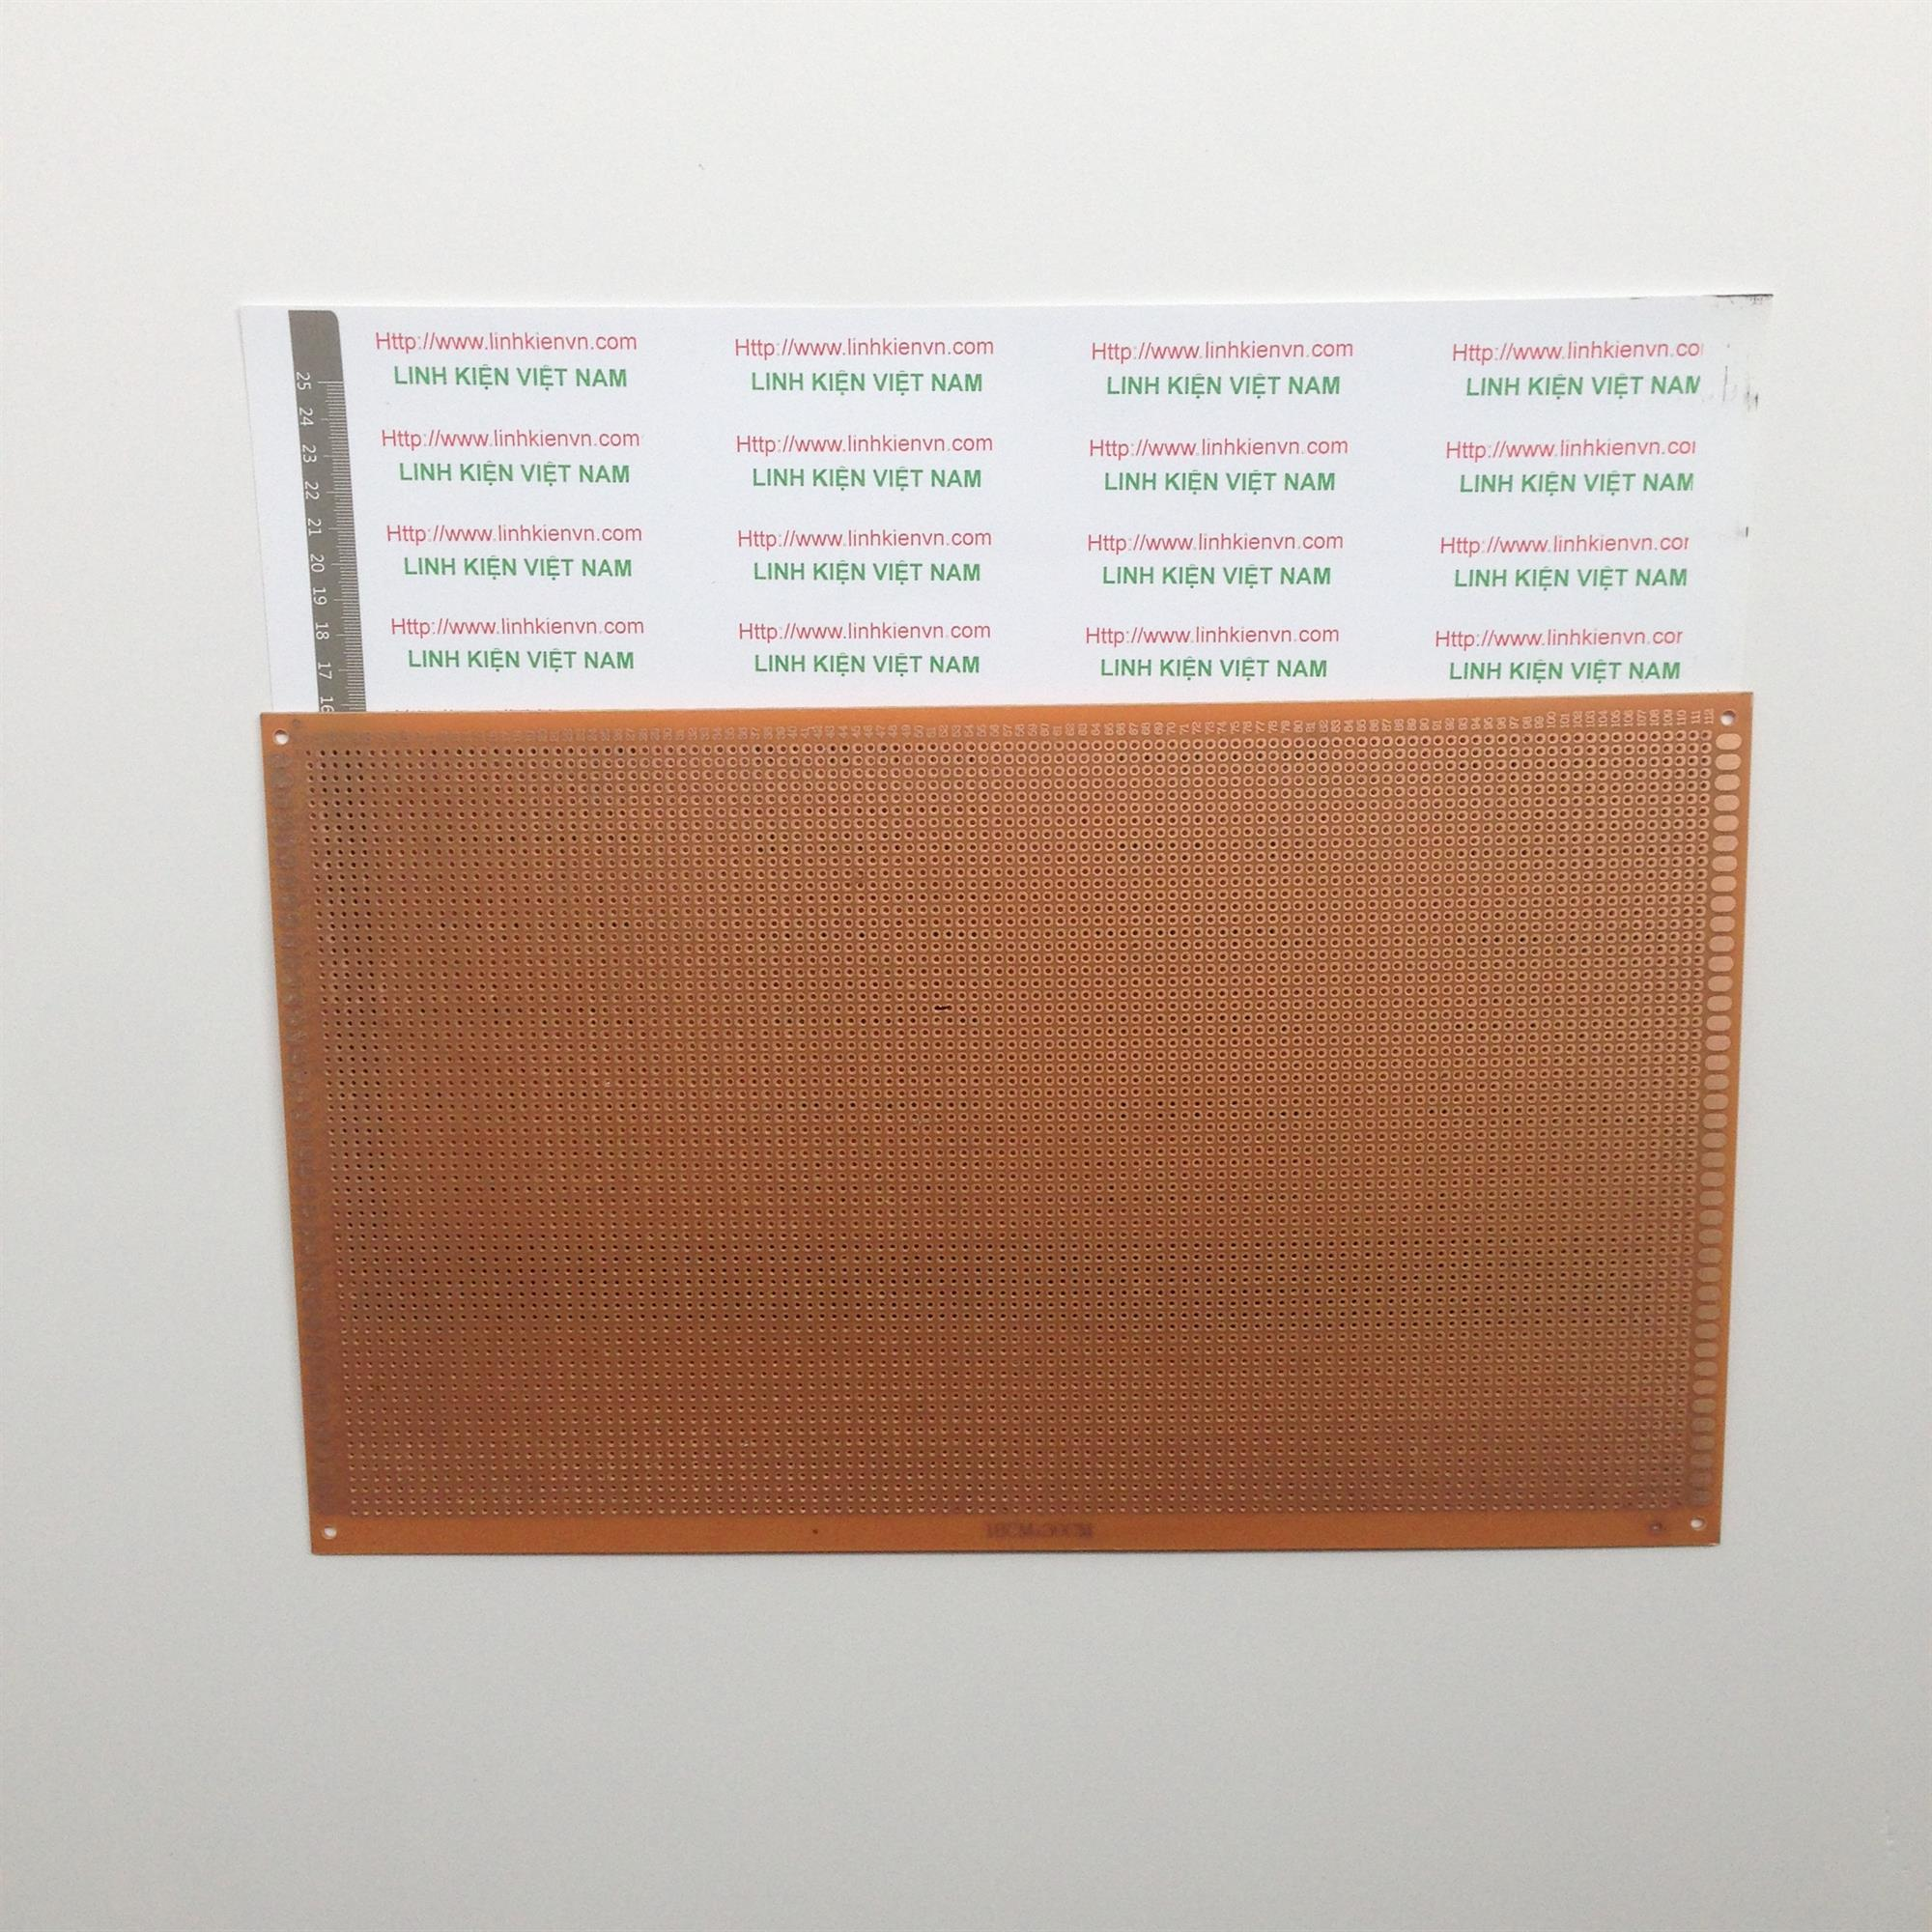 PCB 18x30cm / Phíp đục lỗ 18x30 cm - KHO C